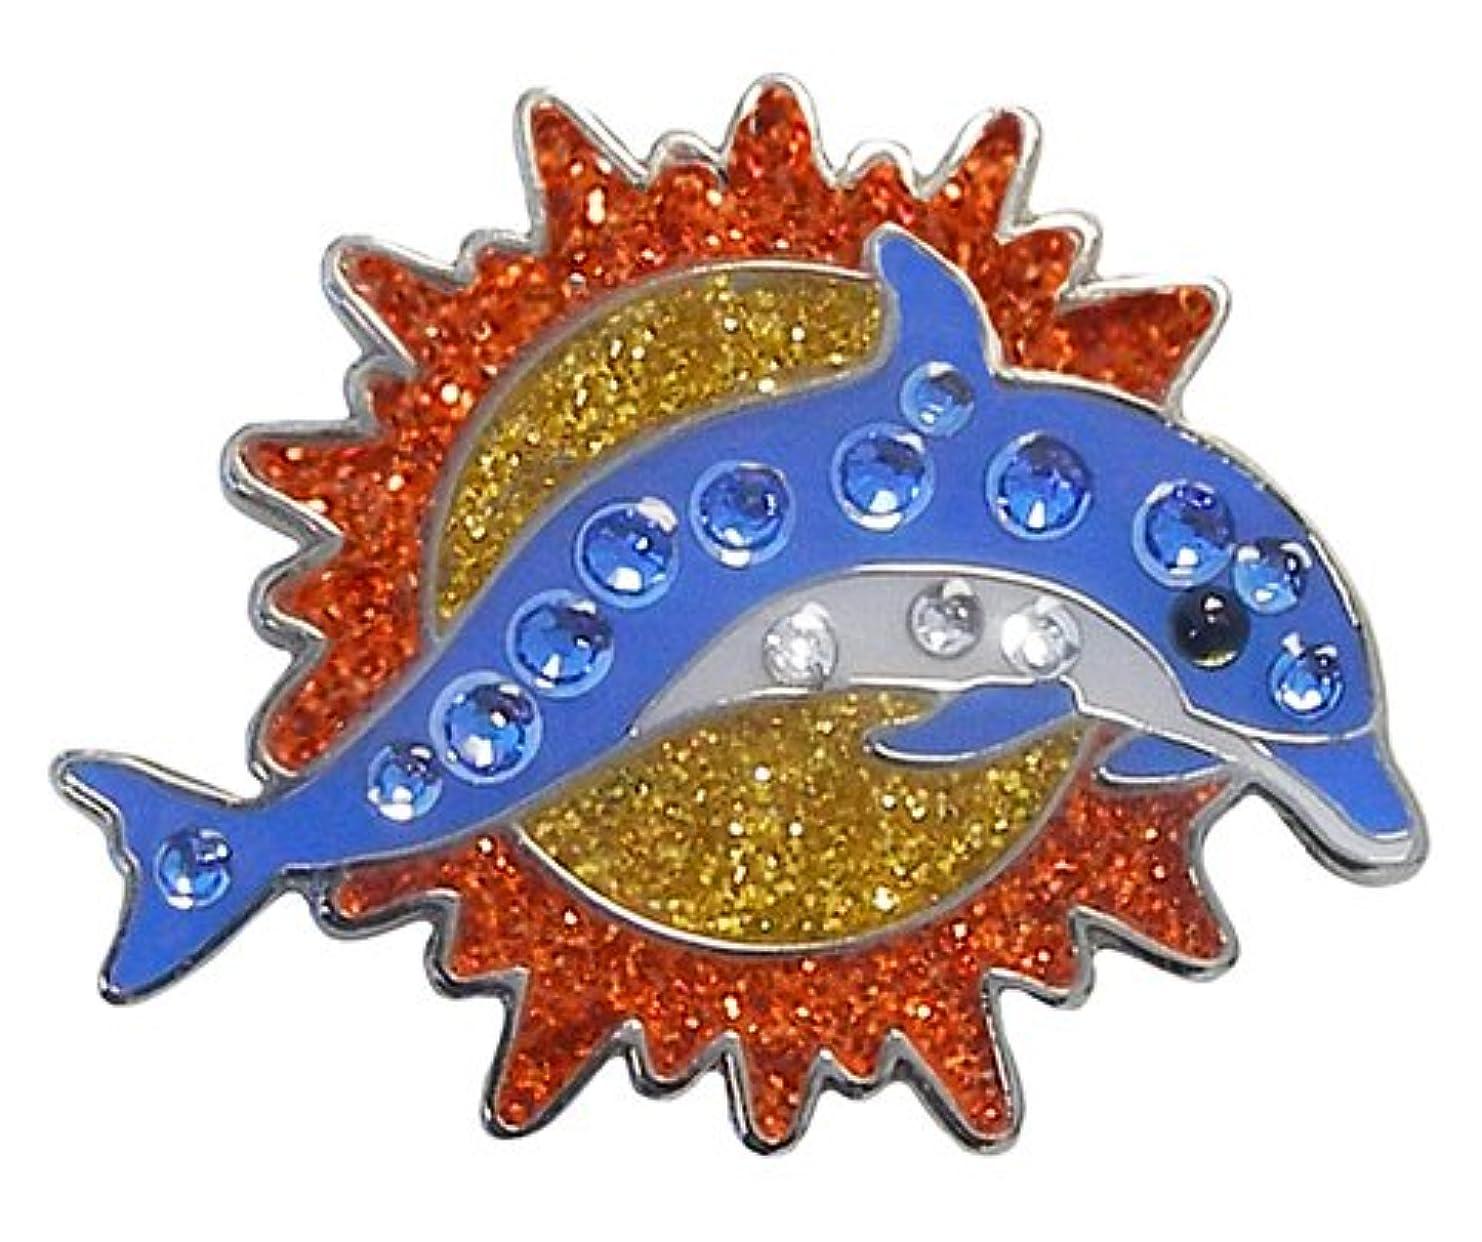 プール長いです実装するNavika Dolphinスワロフスキークリスタルボールマーカーwith磁気帽子クリップ